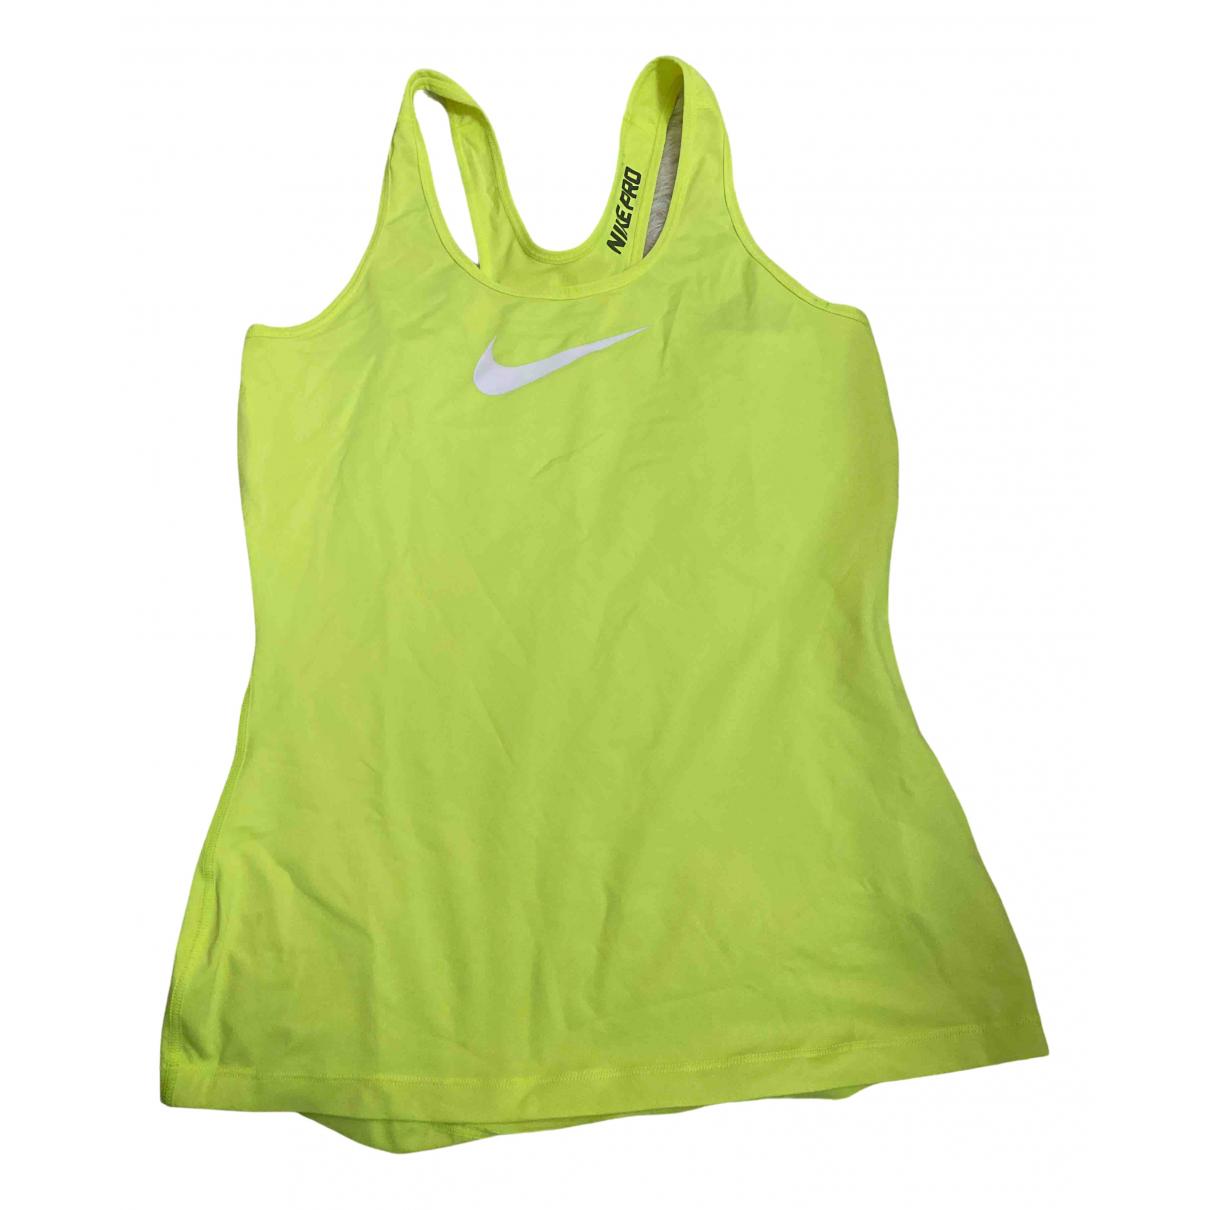 Nike - Top   pour femme - jaune